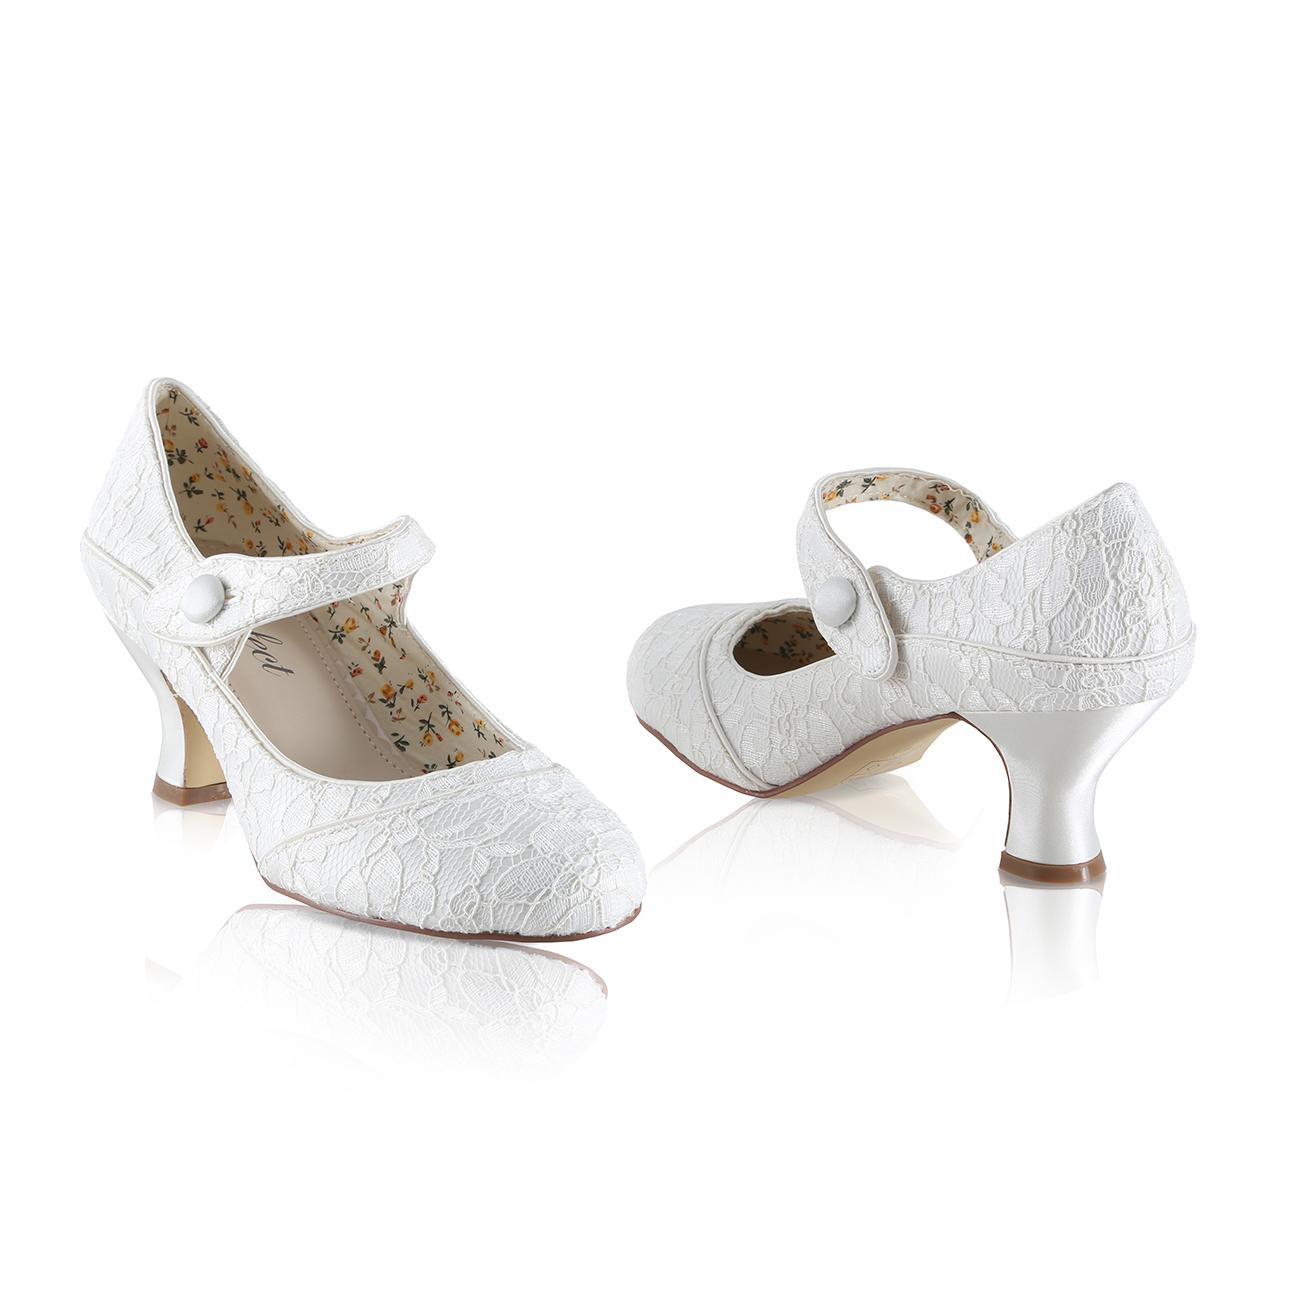 Perfect Bridal Esta Shoes - Ivory Lace